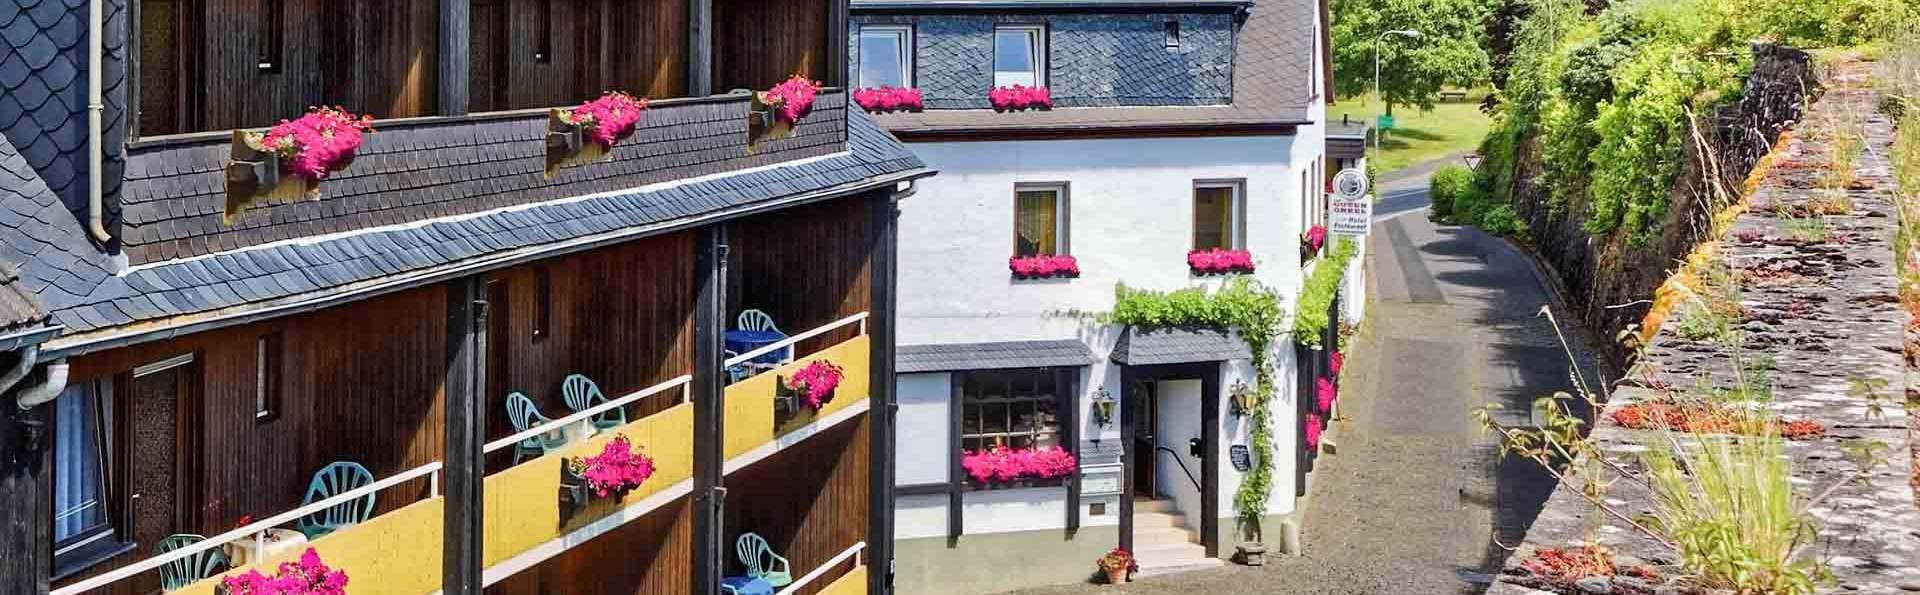 """Moselstern**s Hotel """"Zum Guten Onkel"""" - EDIT_Mostelstern_Hotel_Onkel_01.jpg"""